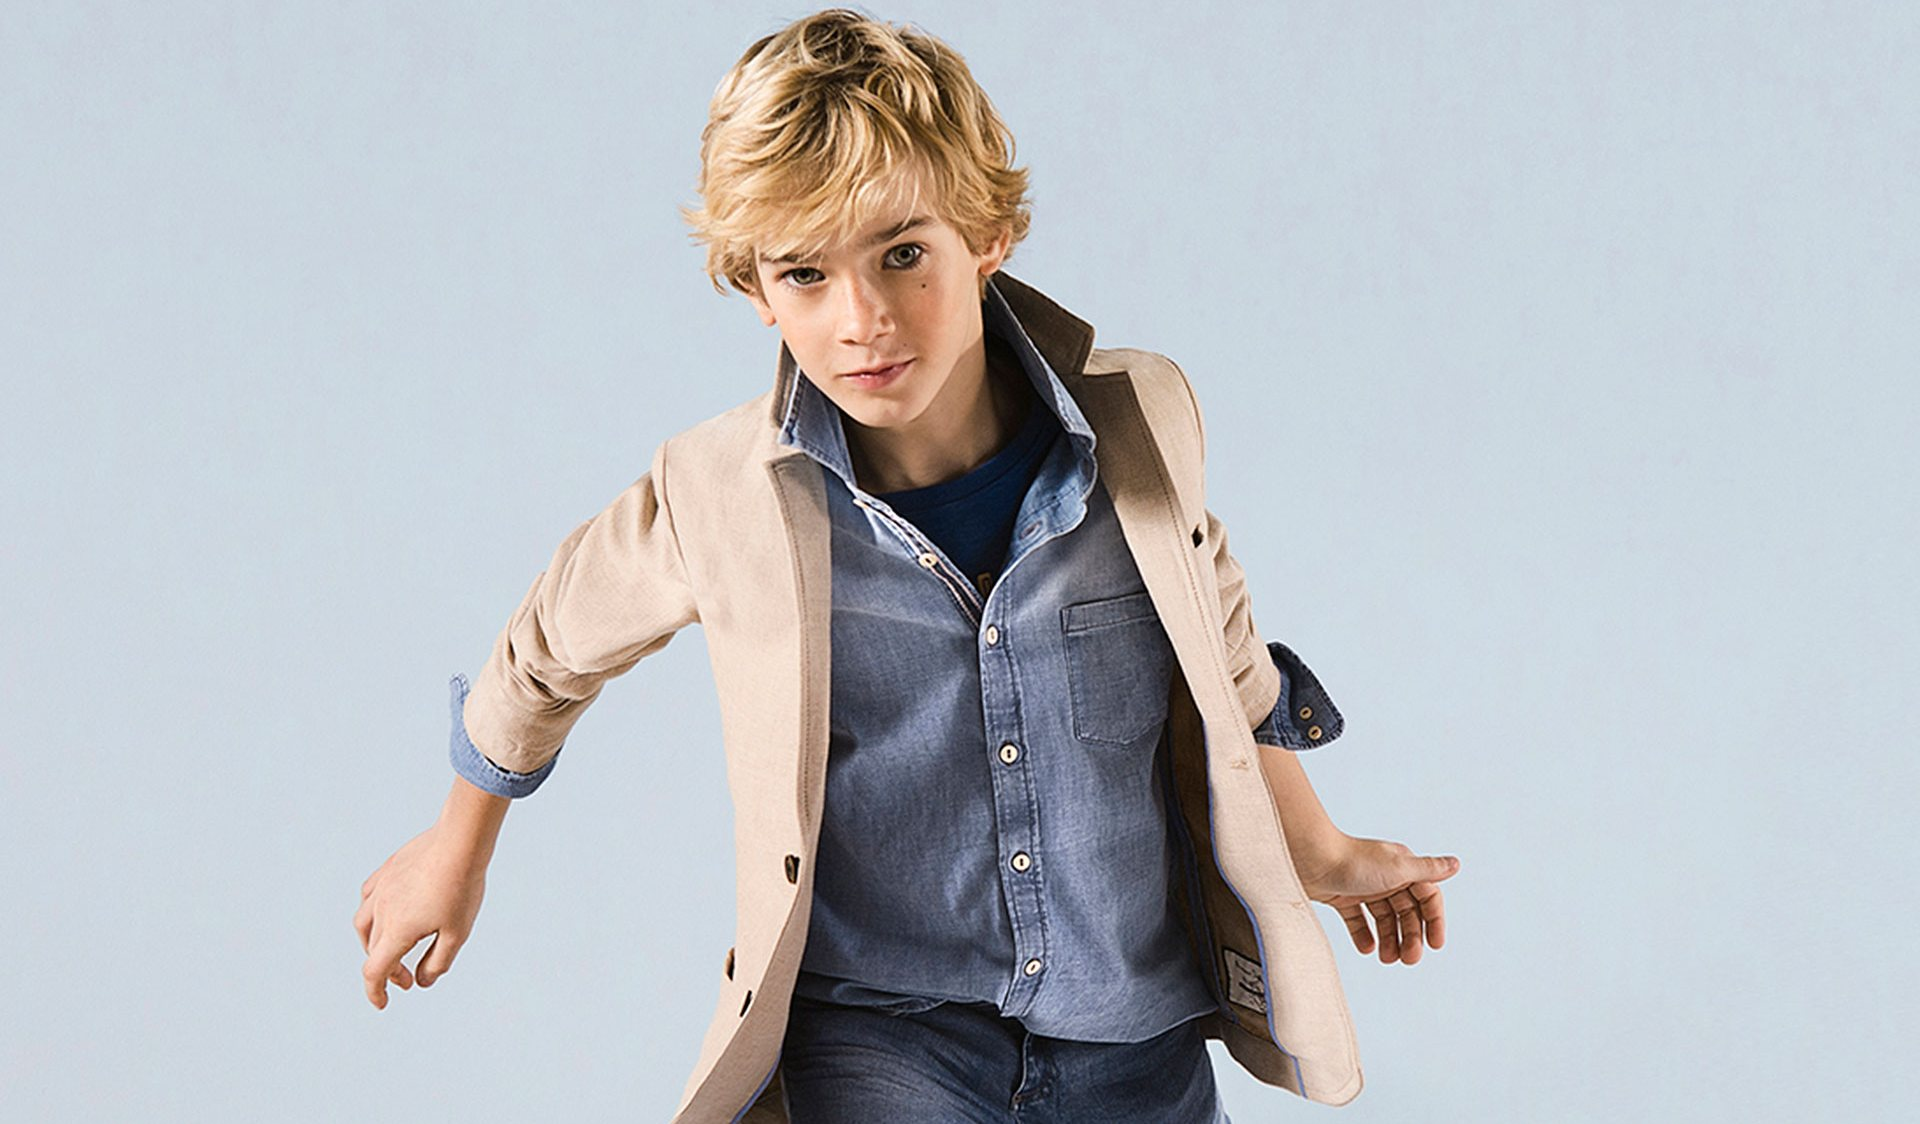 Современная одежда для мальчиков учитывает тенденции мужской моды